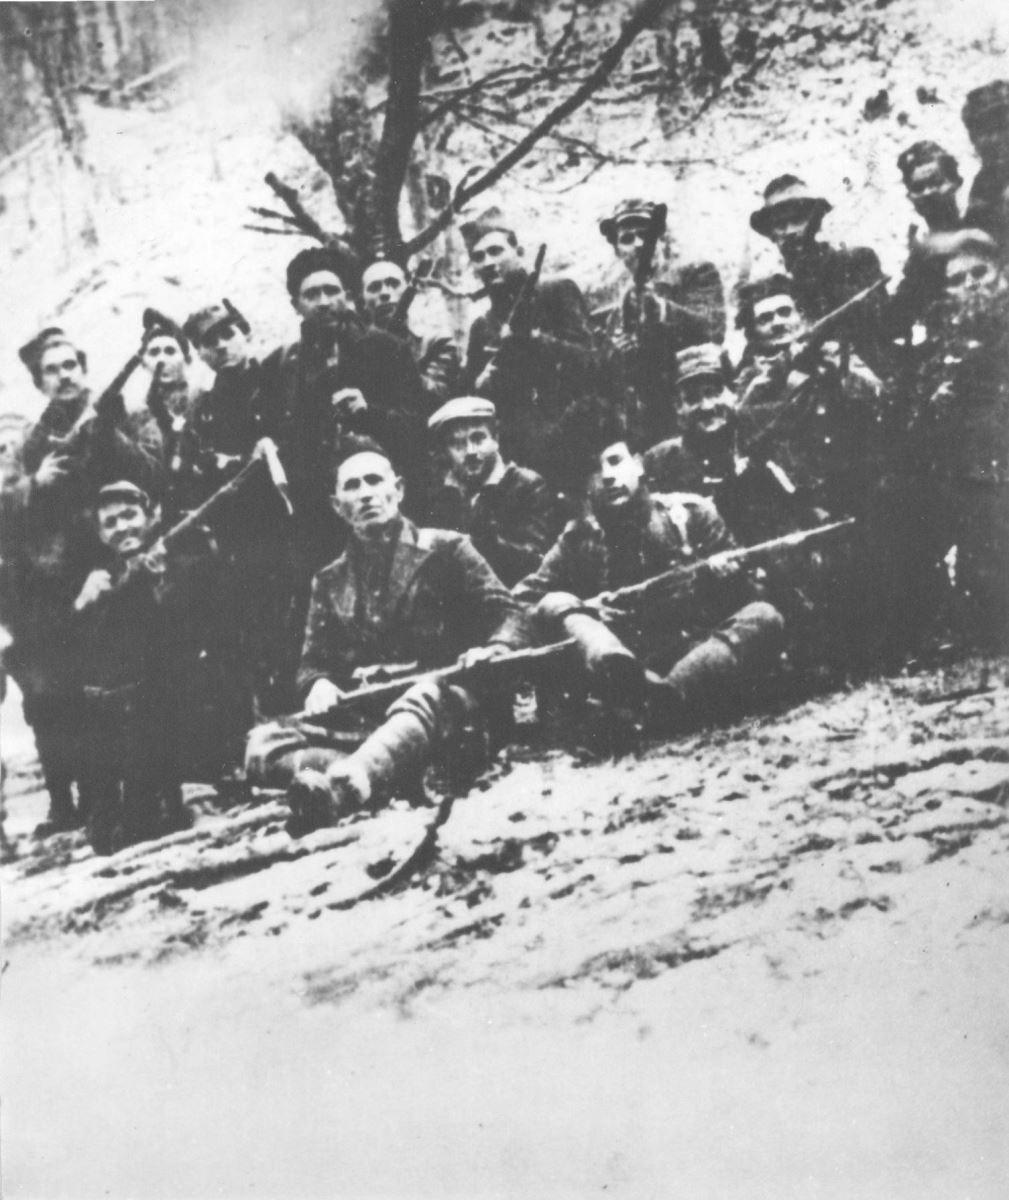 Dara iz Jasenovca - prva minuta prva srpska laž 10932